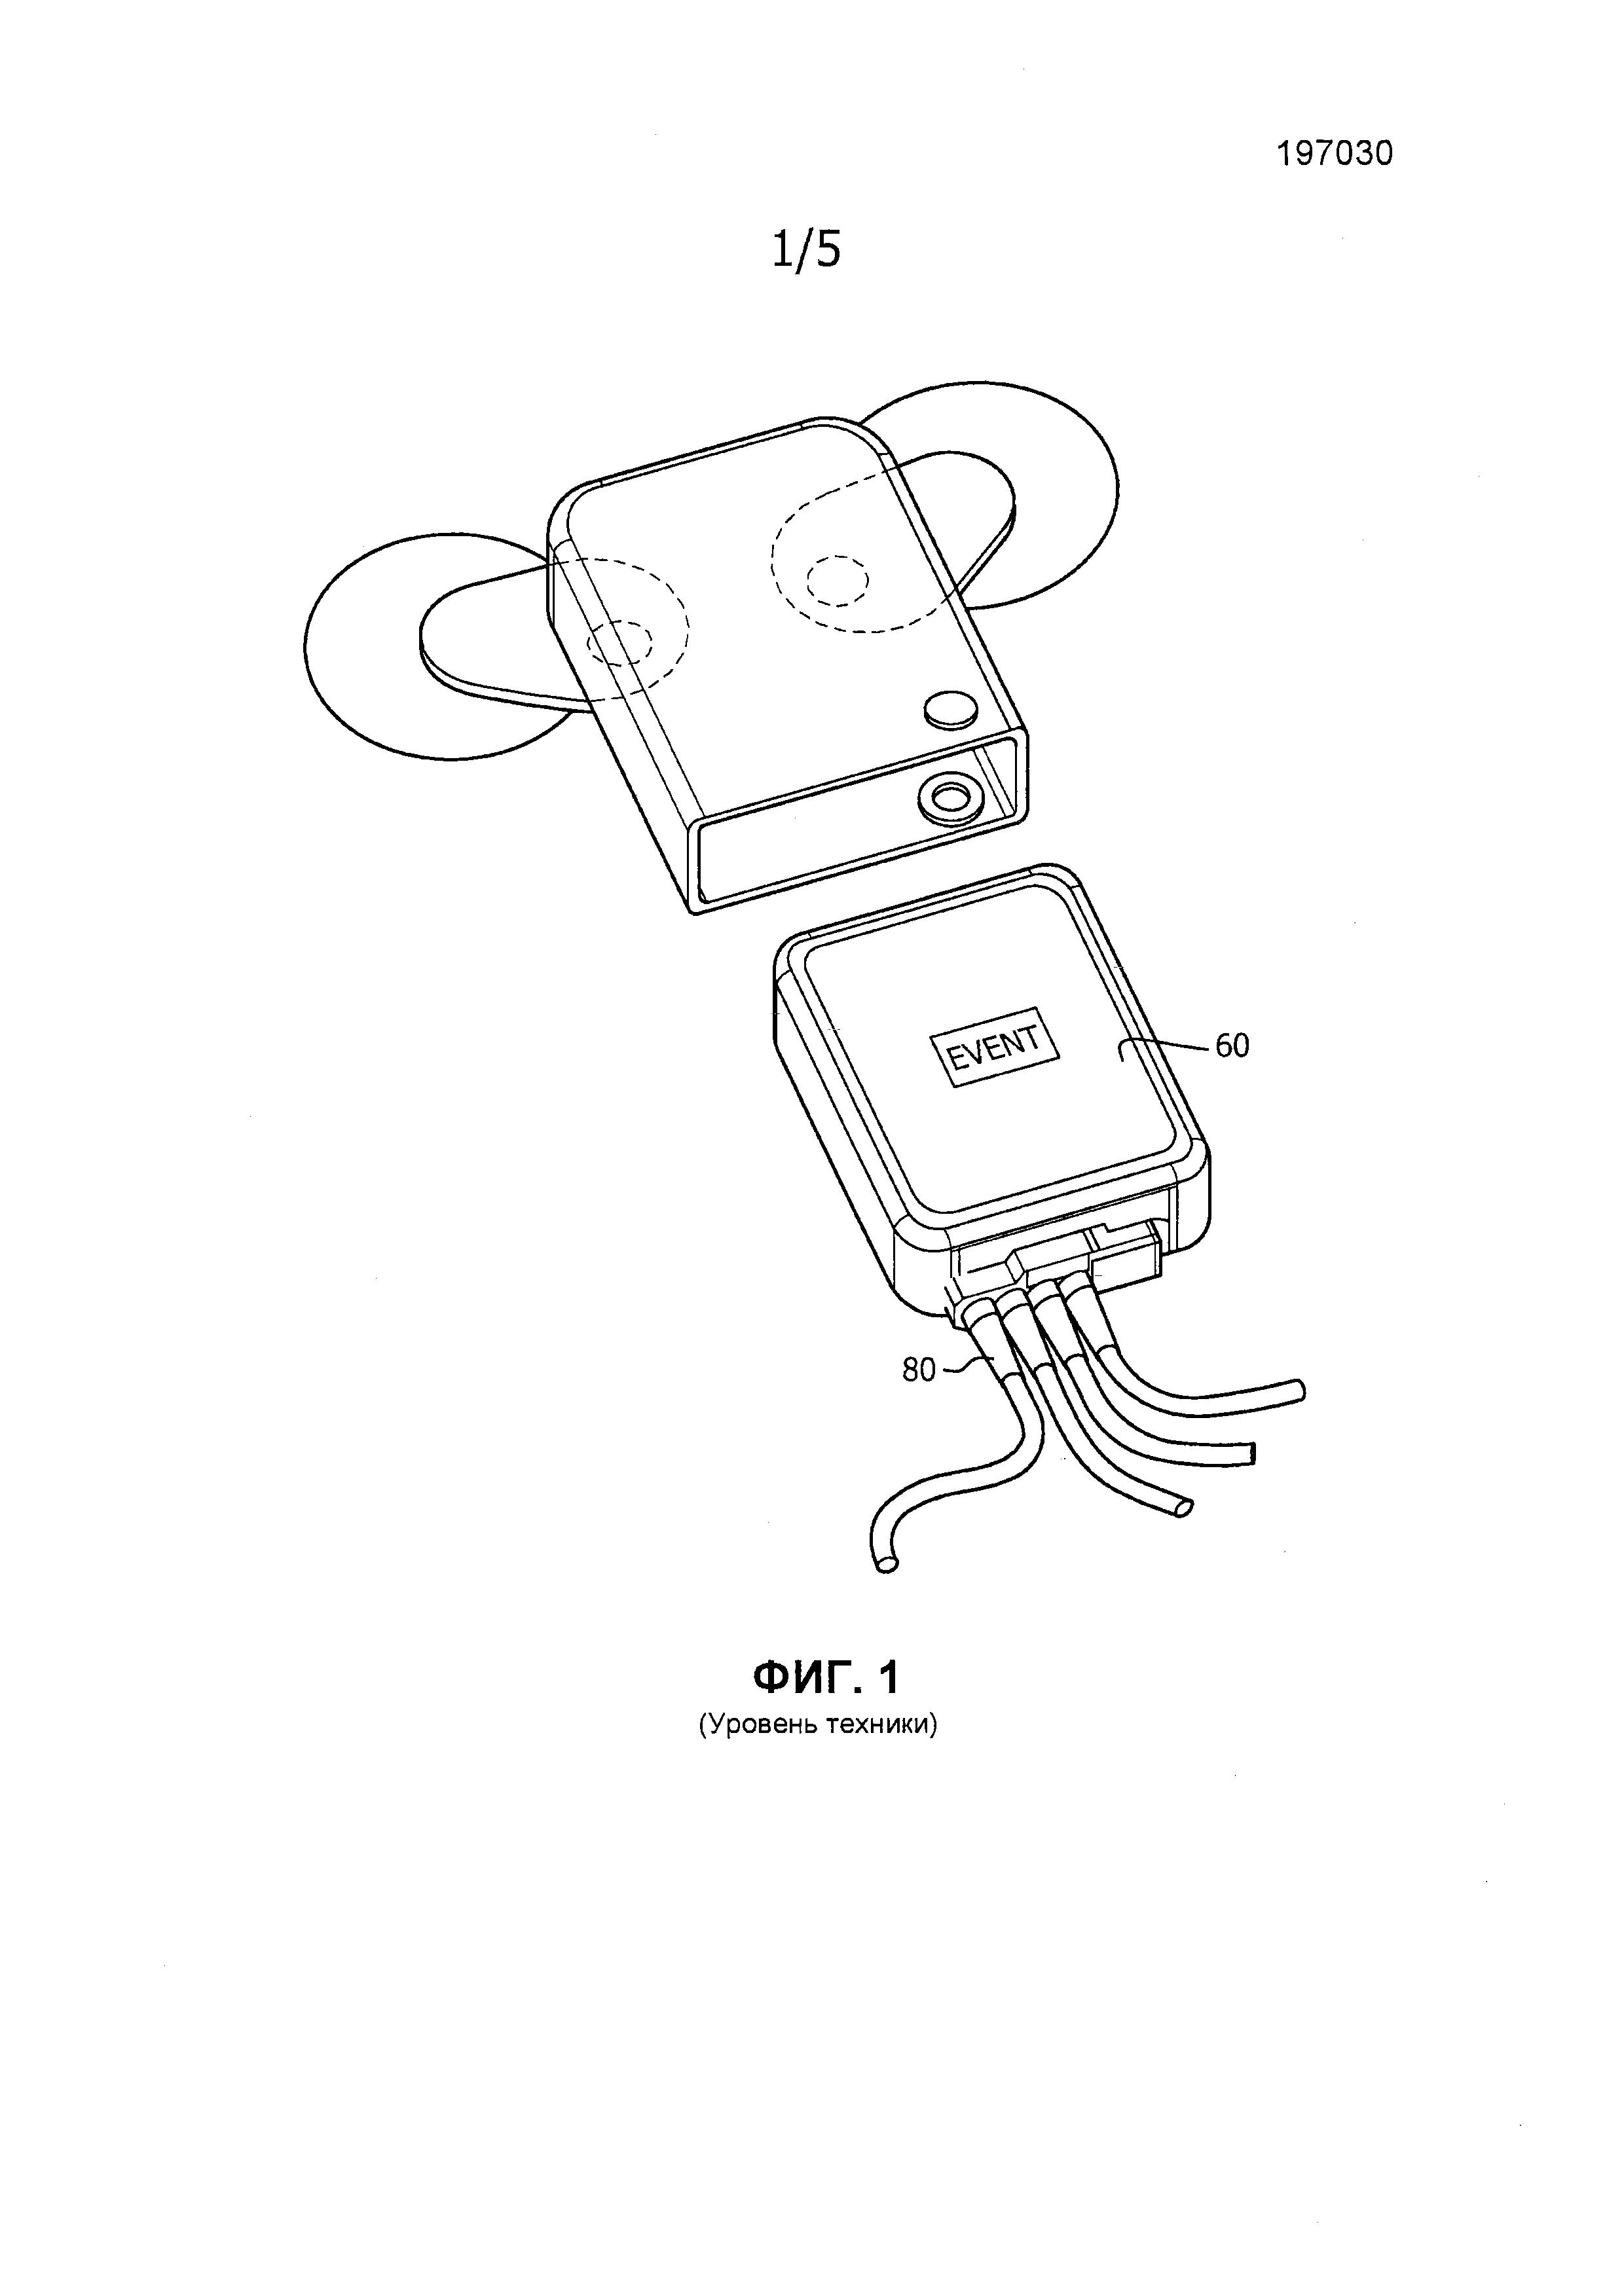 Сменный защелкивающийся соединитель электрода и кабеля для экг